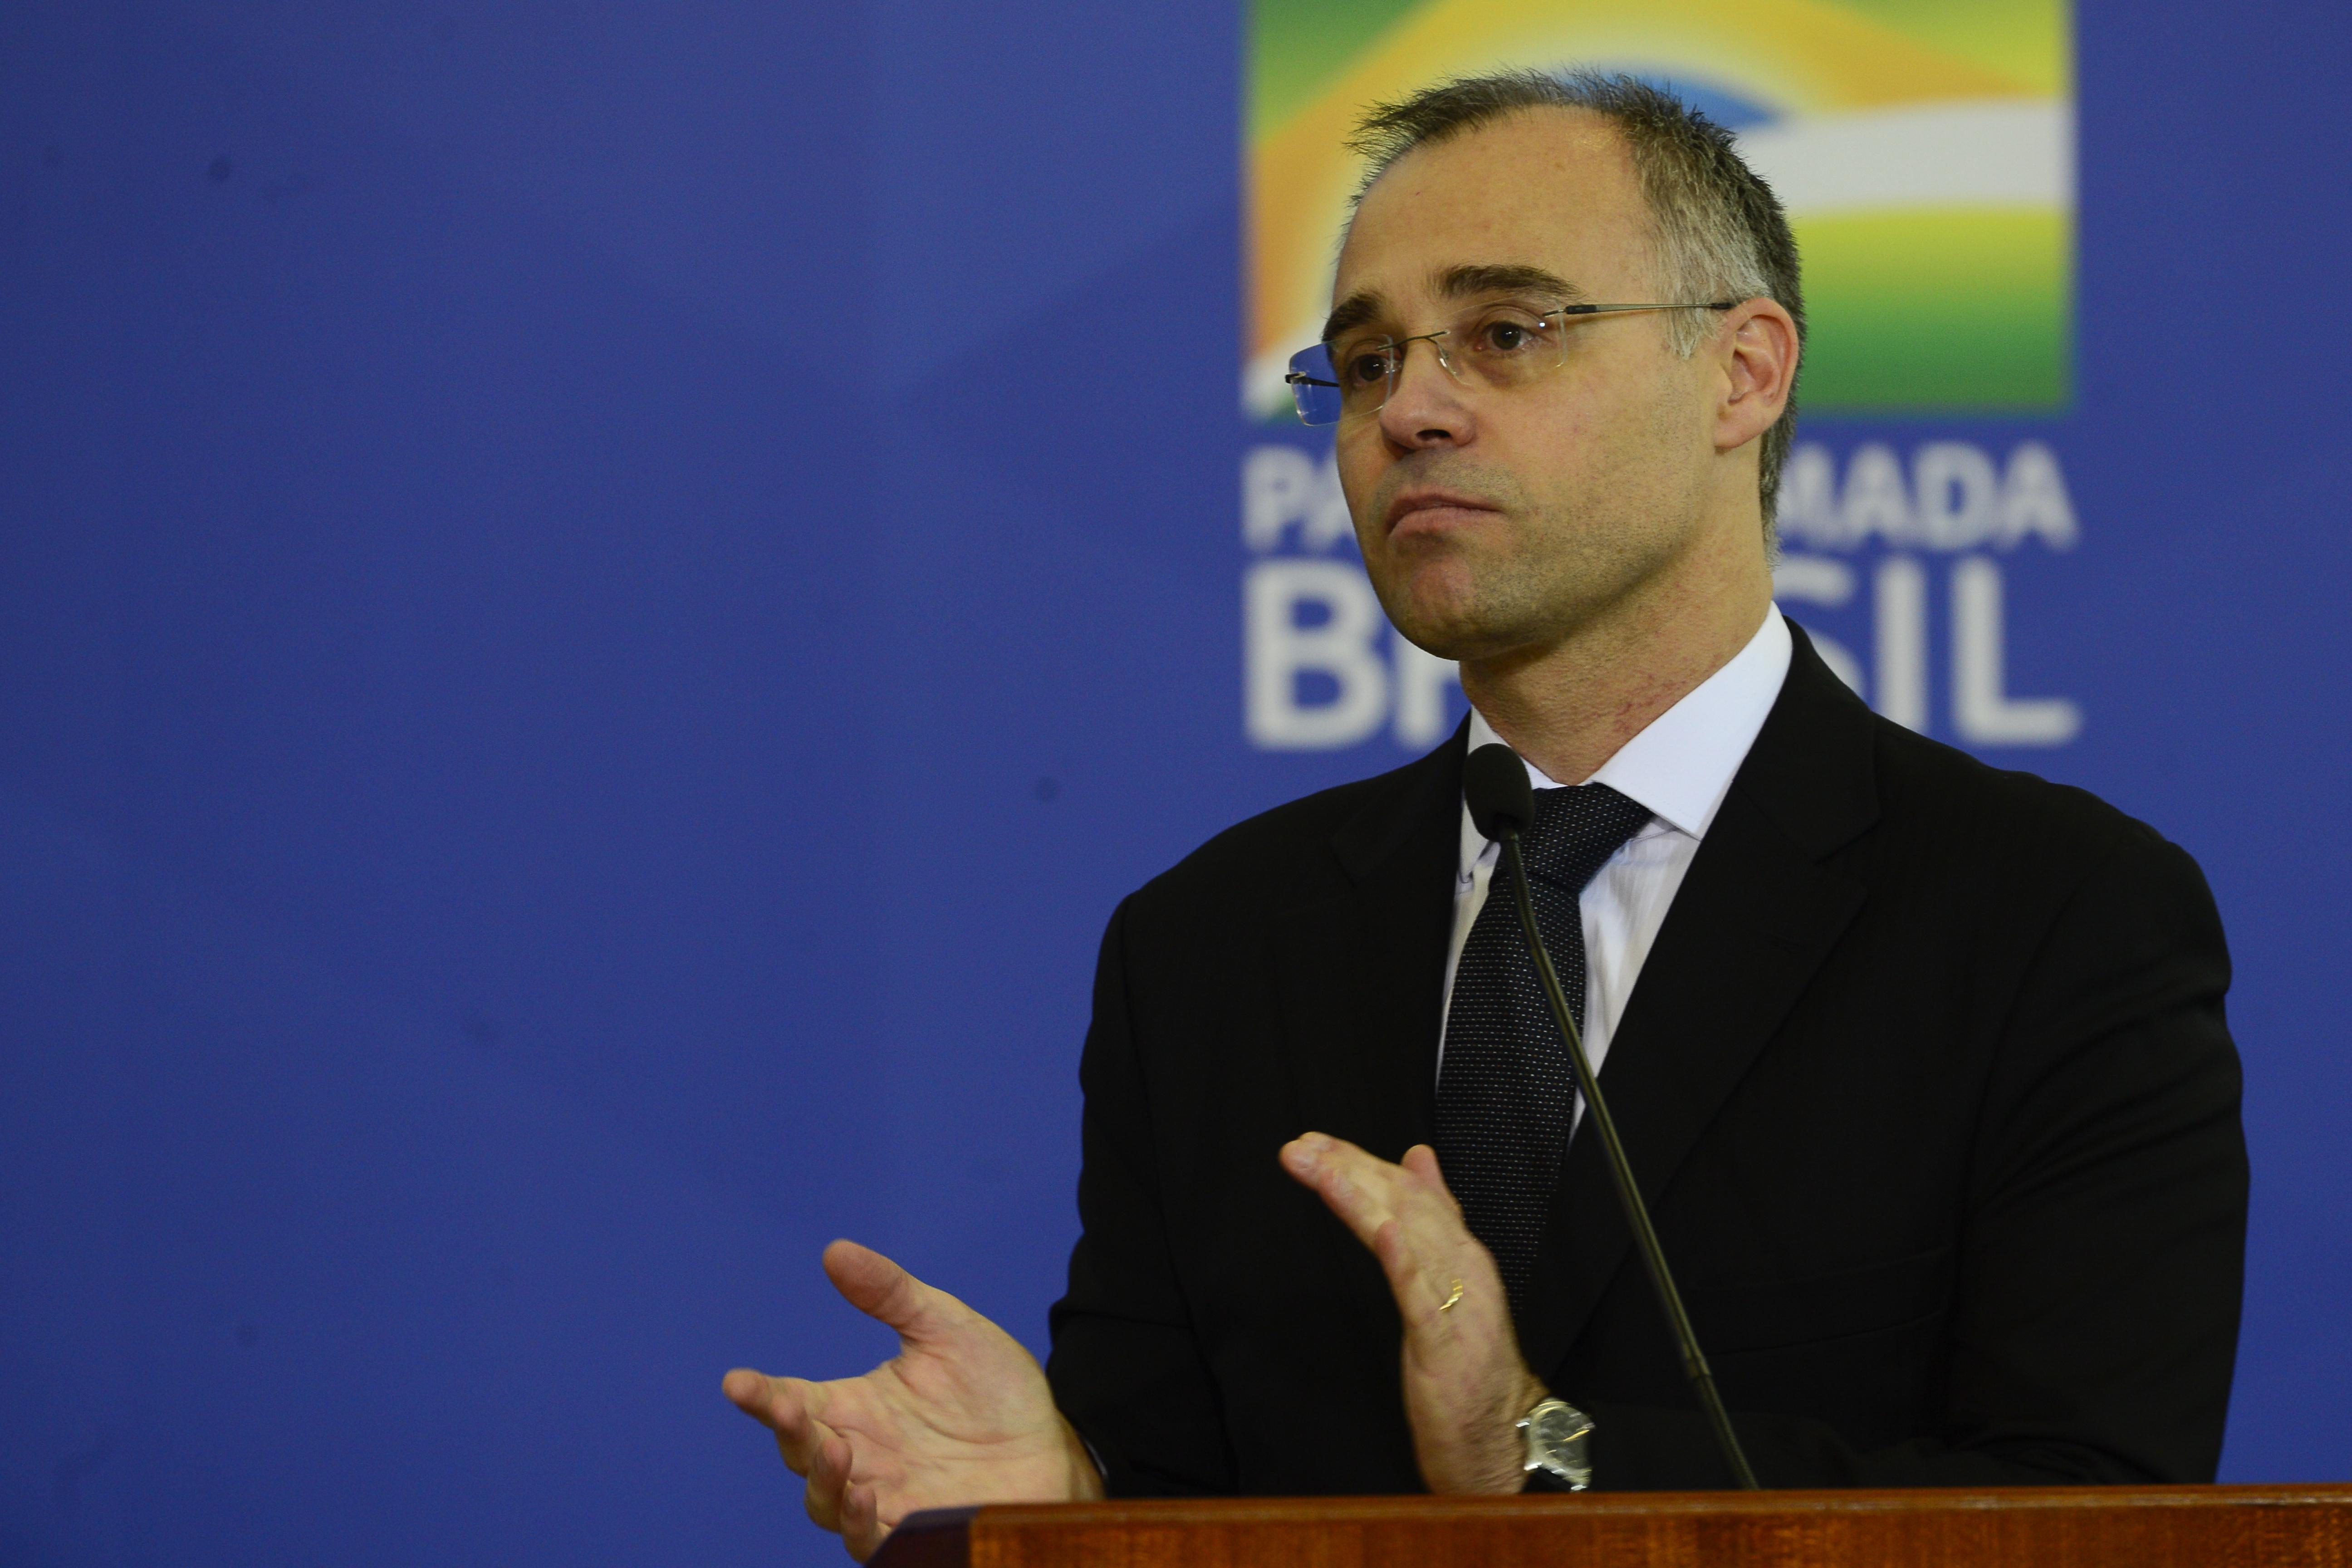 IMAGEM: 'Ninguém deveria escolher seu próprio juiz', diz Oscar Vilhena